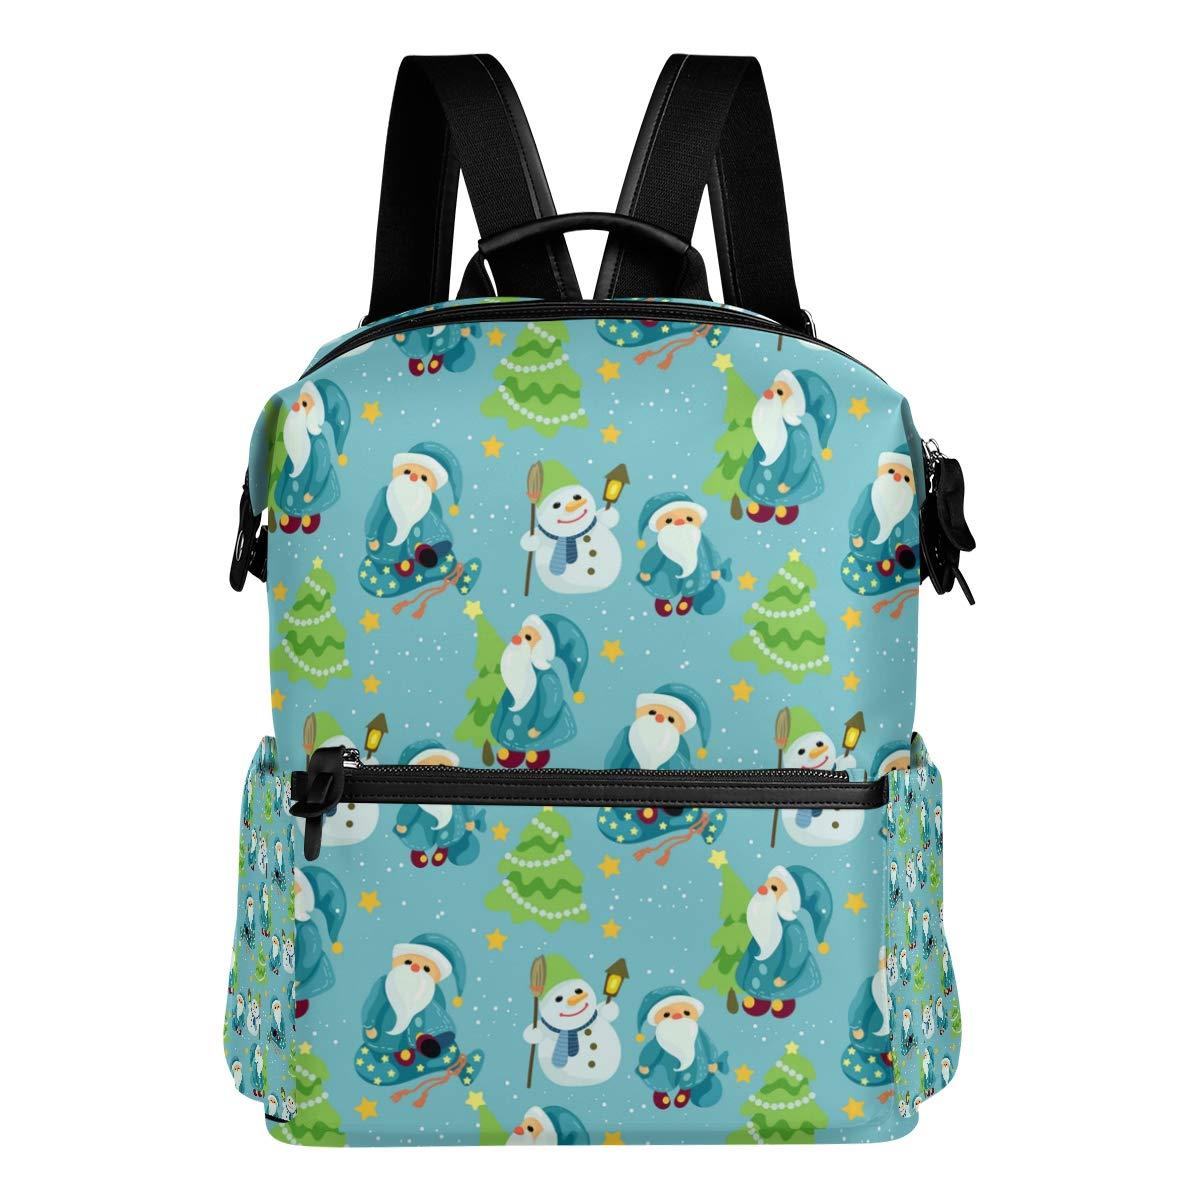 クリスマス柄グラフィック かわいいパーソナライズトラベルバッグ カレッジバックパック 大きな学生用バッグ 機内持ち込みバッグ   B07L4NJ3Q9